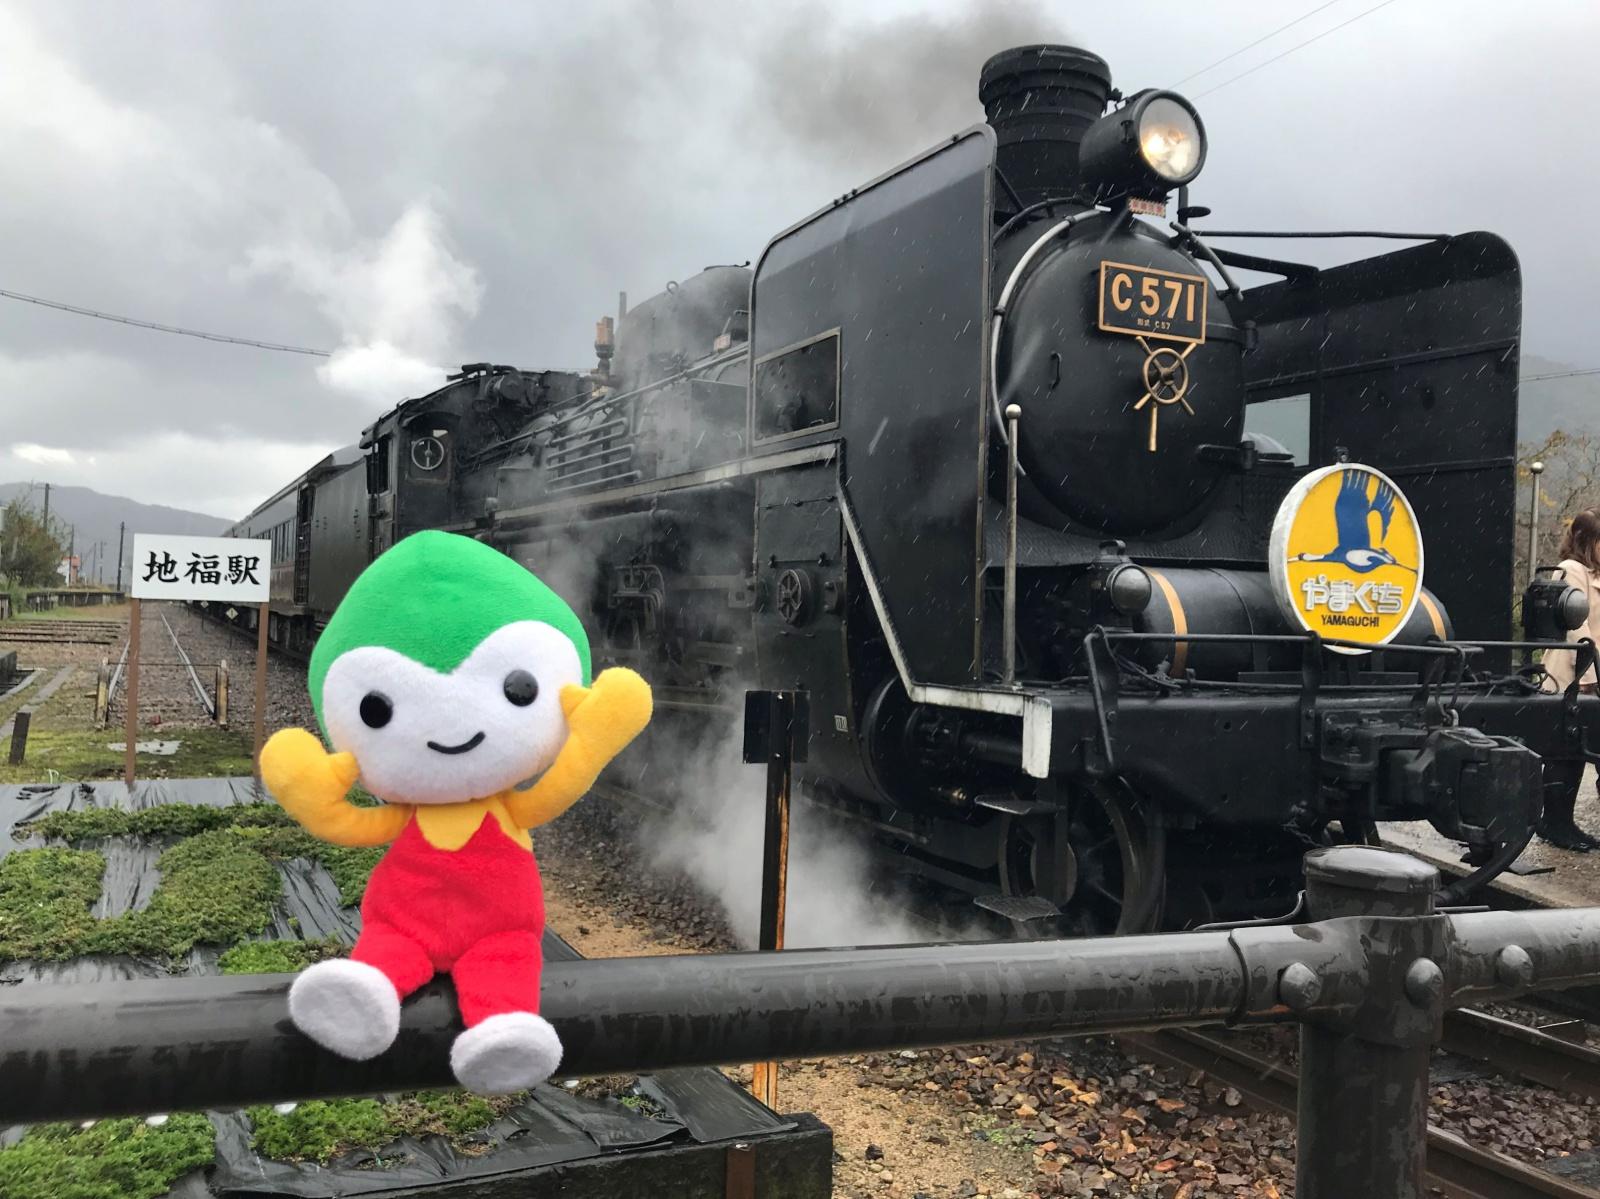 五感で楽しもう!!SL「やまぐち」号で列車の旅を楽しんできたよ☆彡